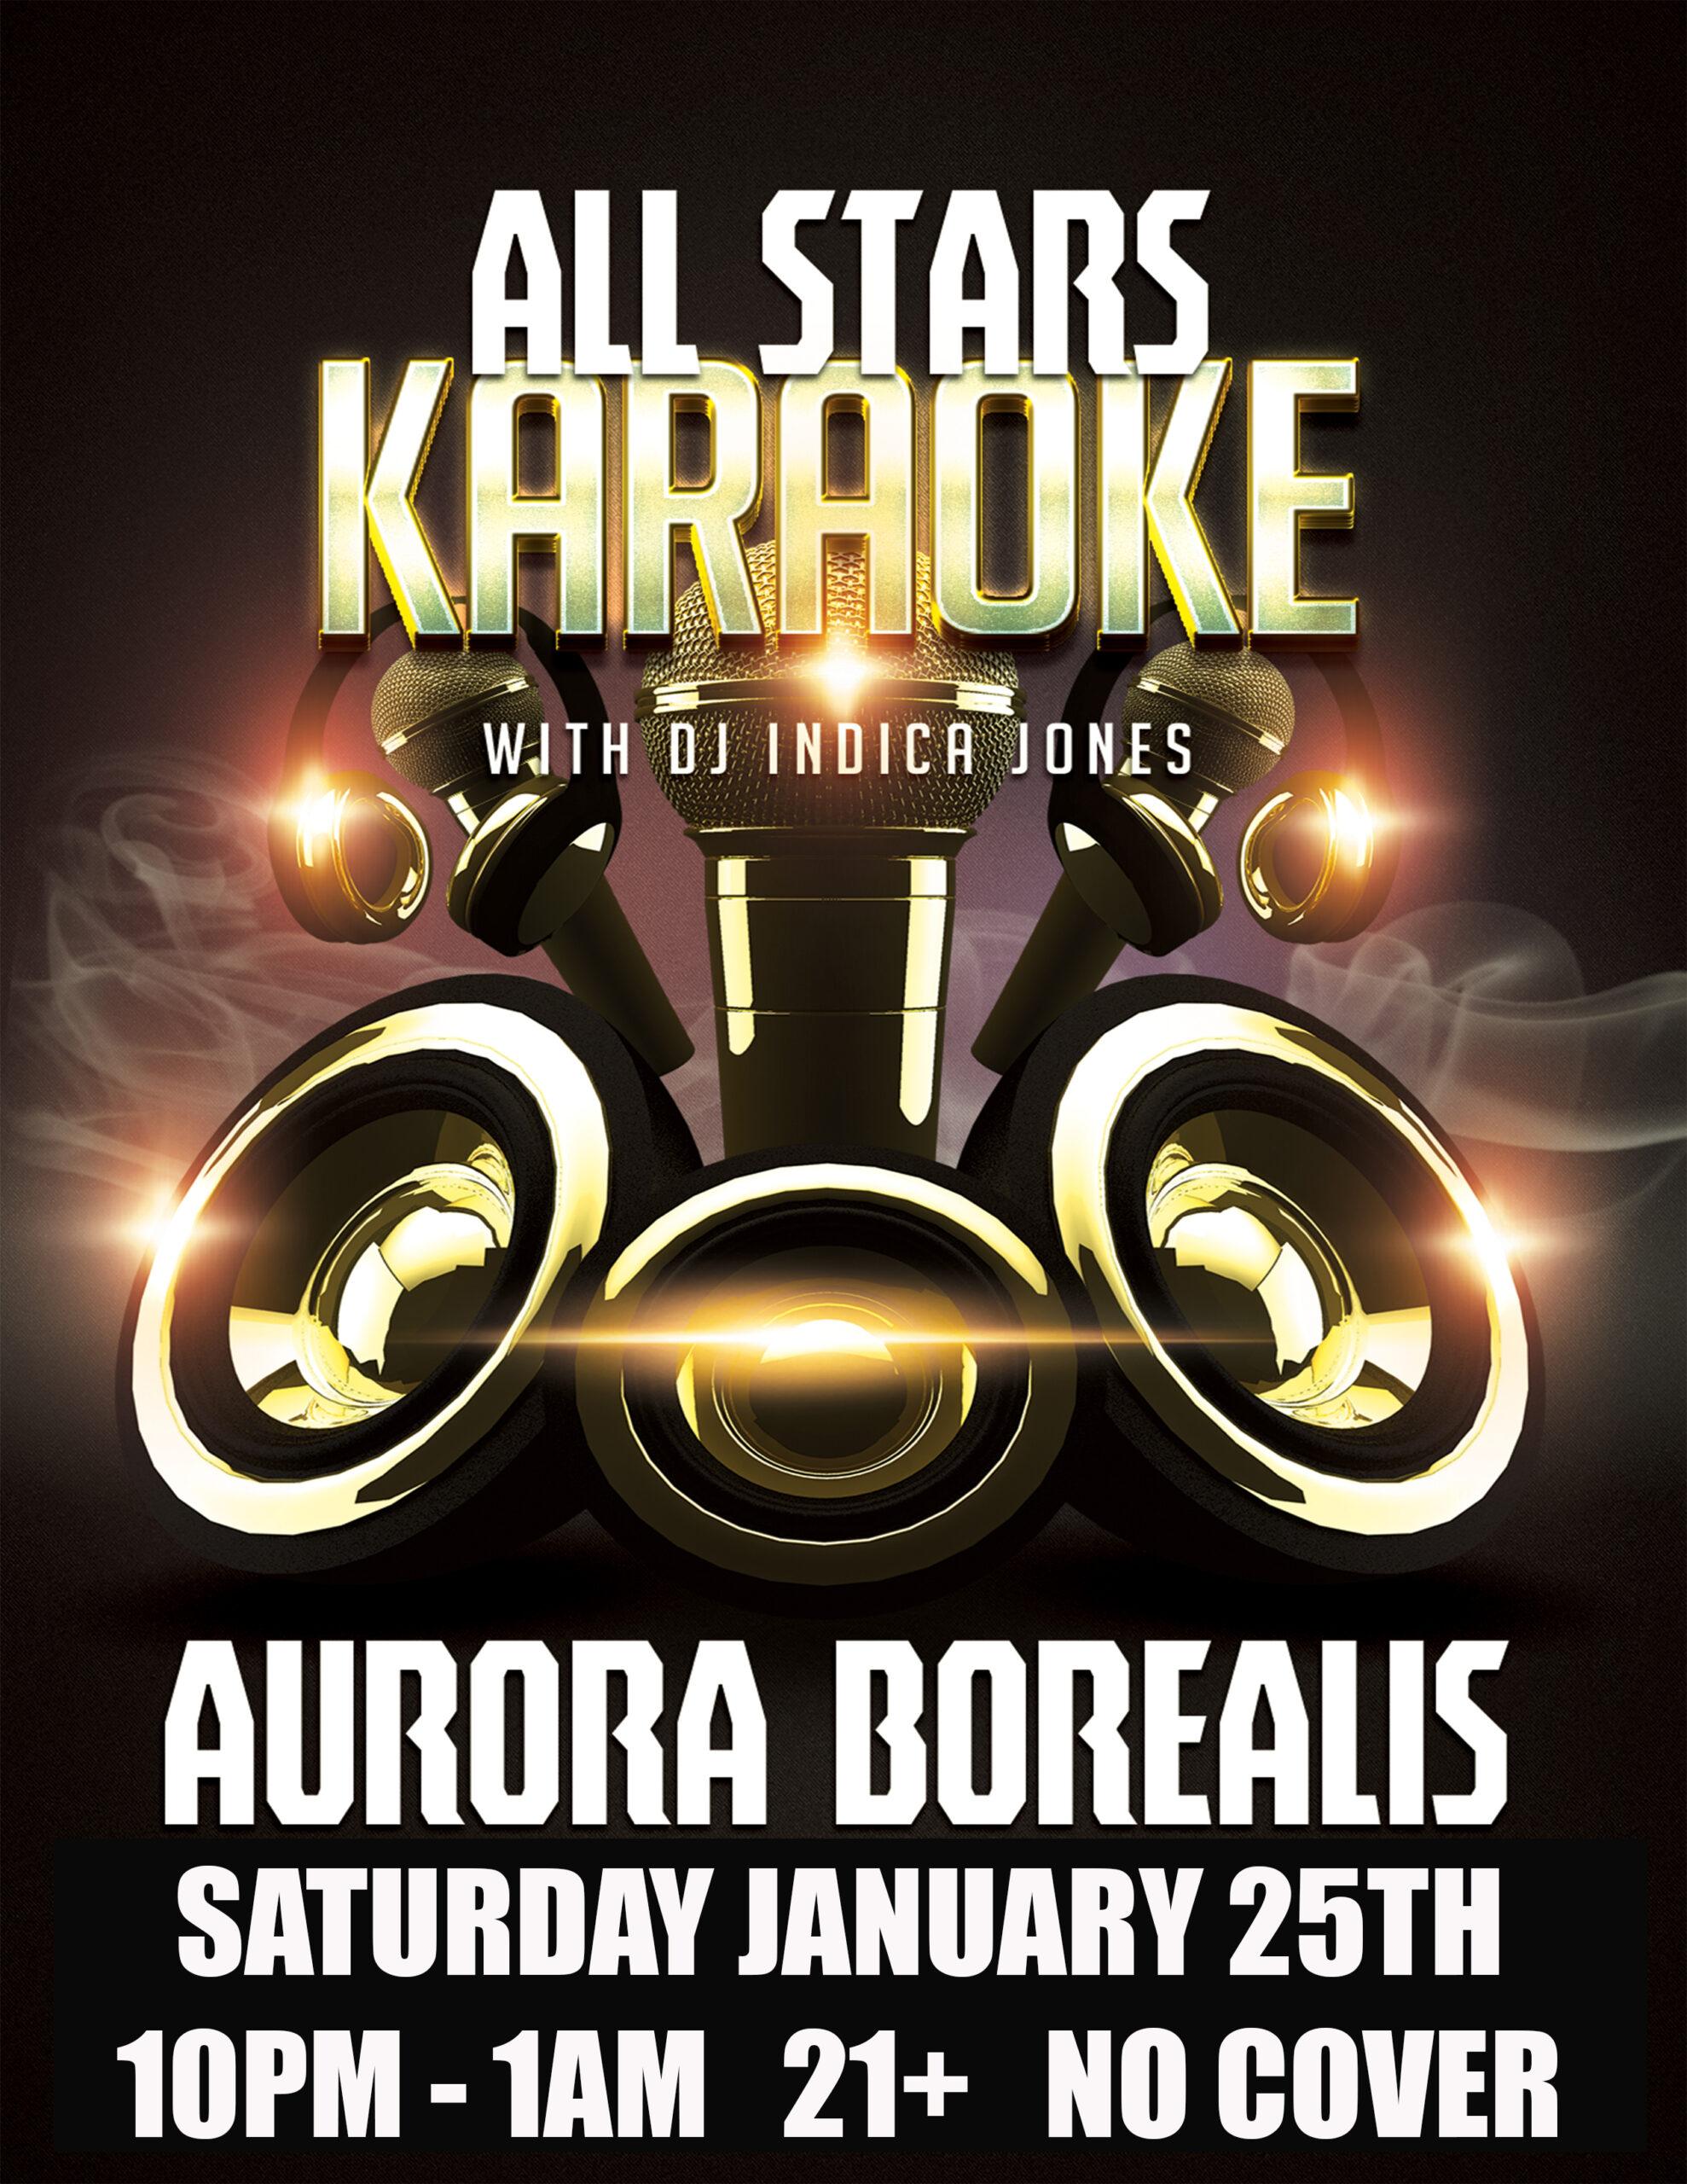 Premiere Event: All Stars Karaoke! DJ + Karaoke Dance Party